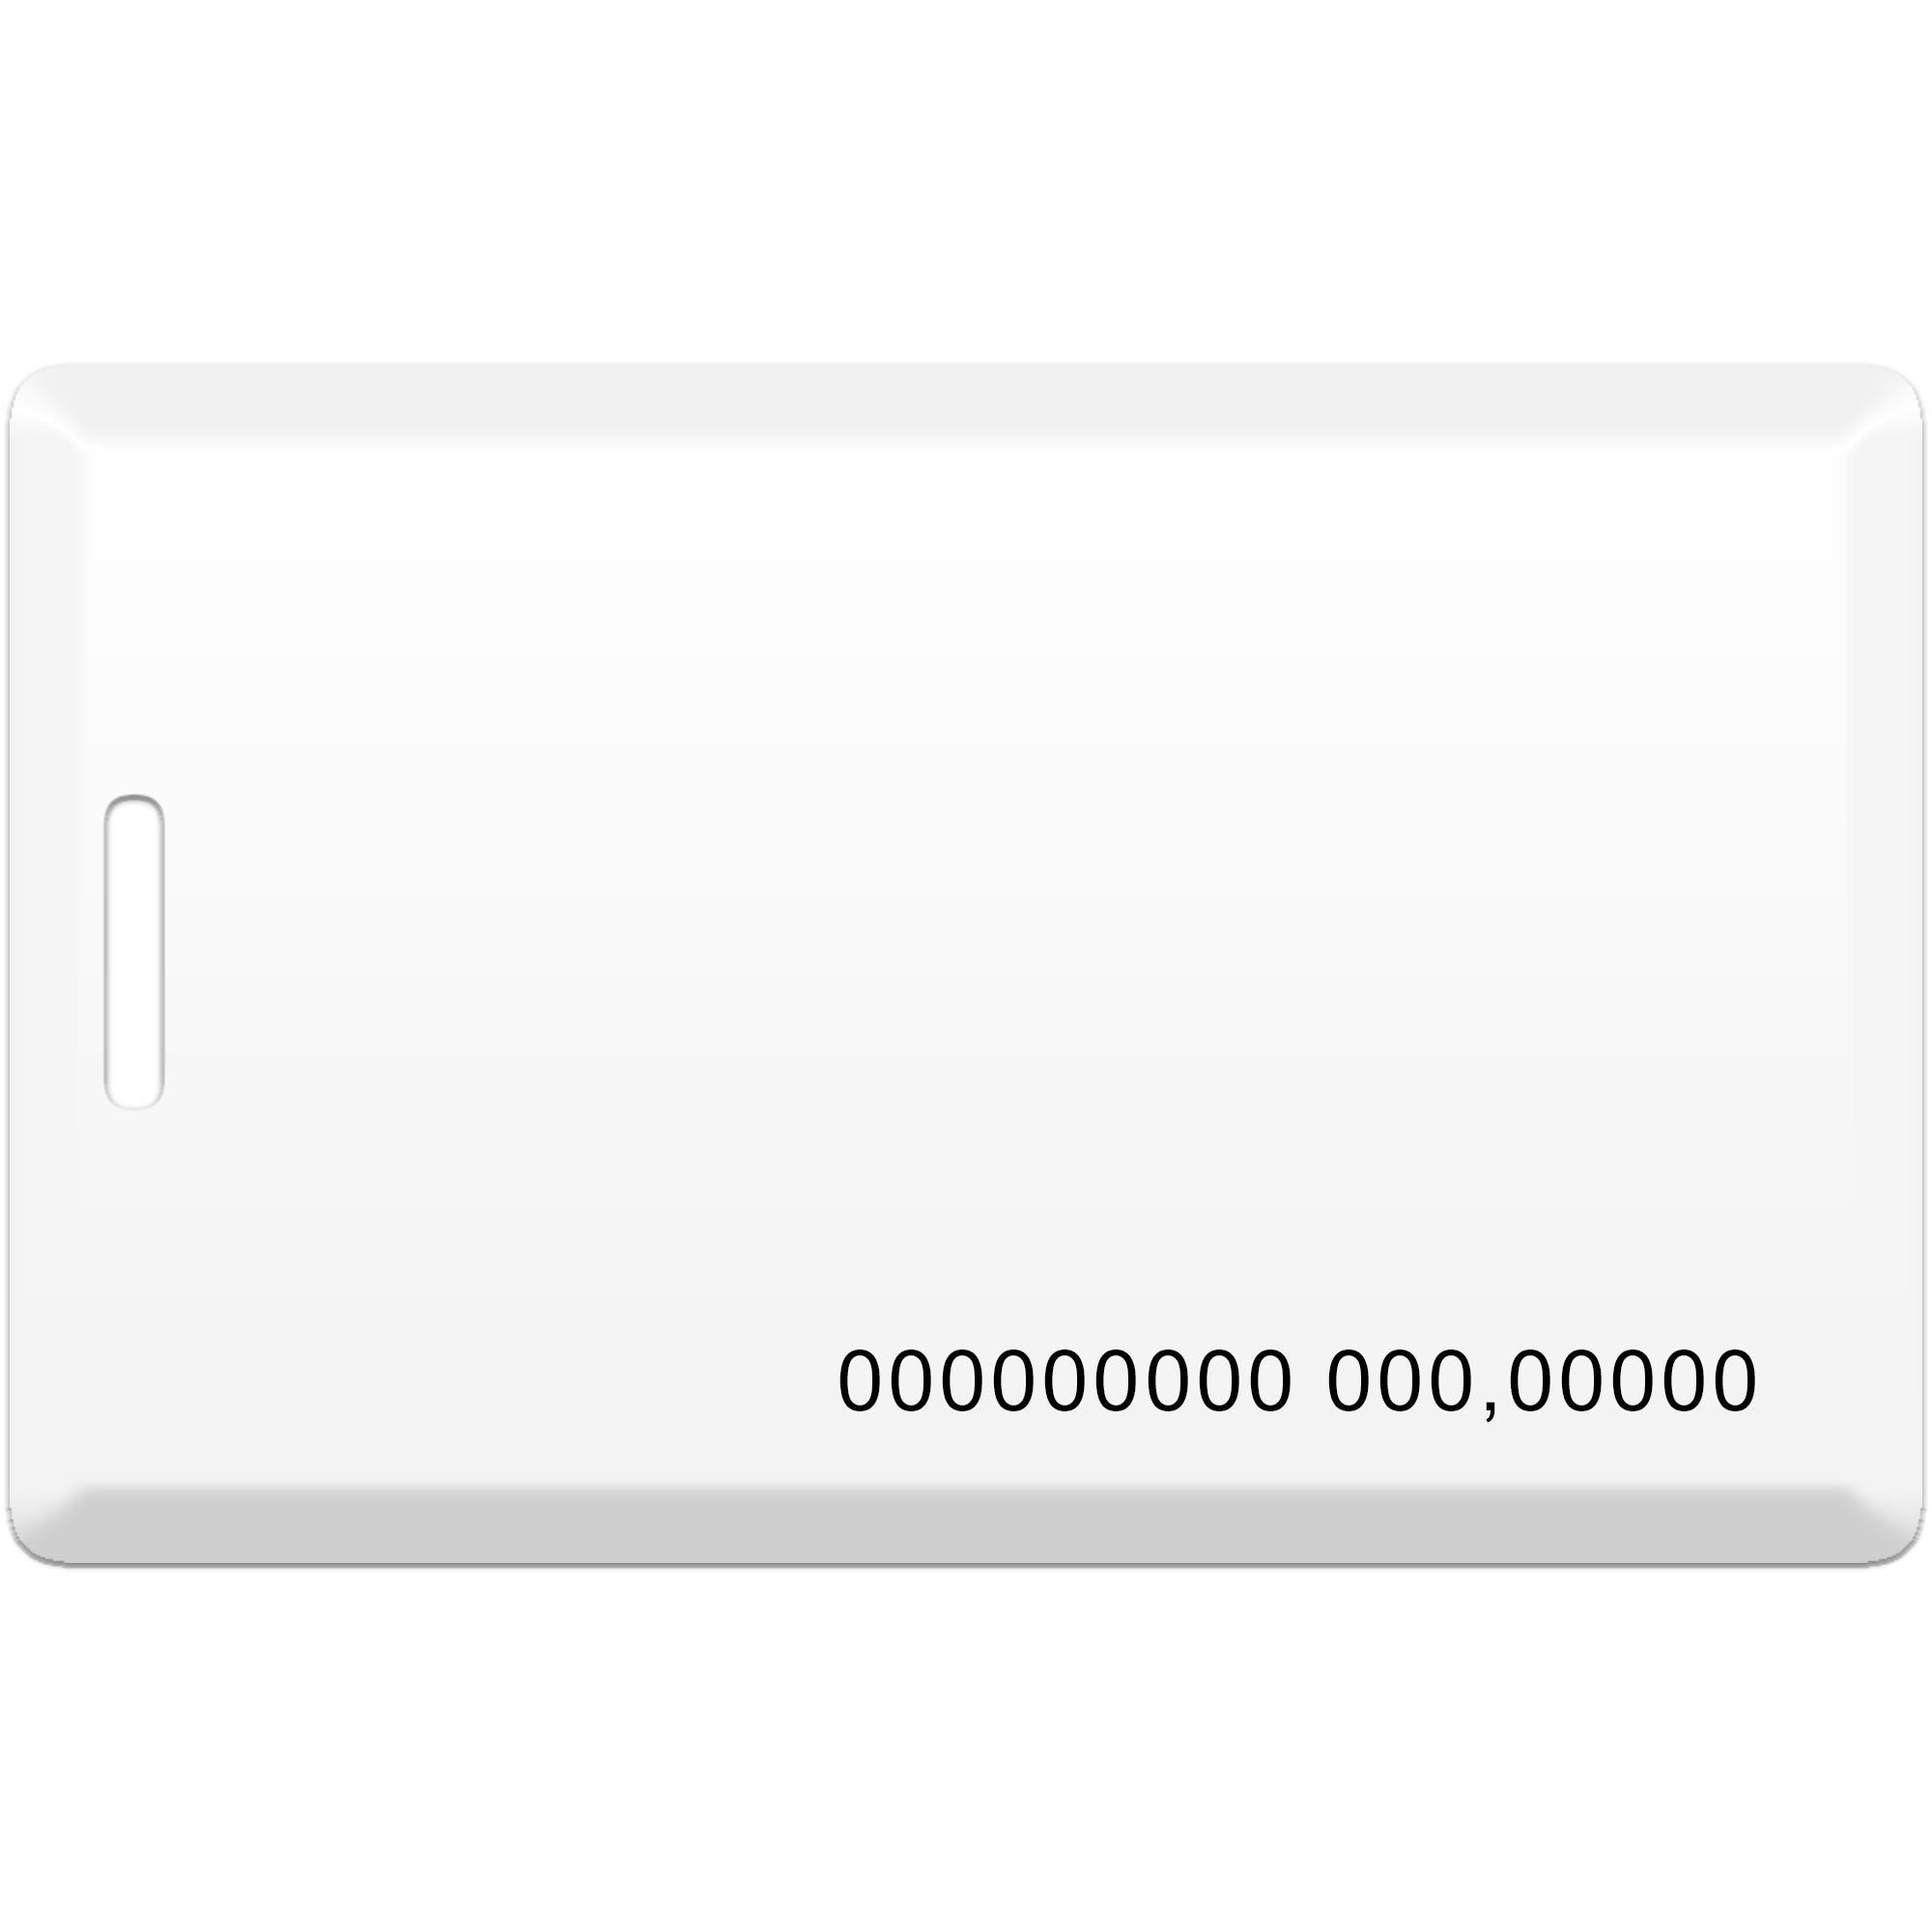 Бесконтактная пластиковая карта (толстая) с прорезью, с номером, с чипом Em-Marine Clamshell